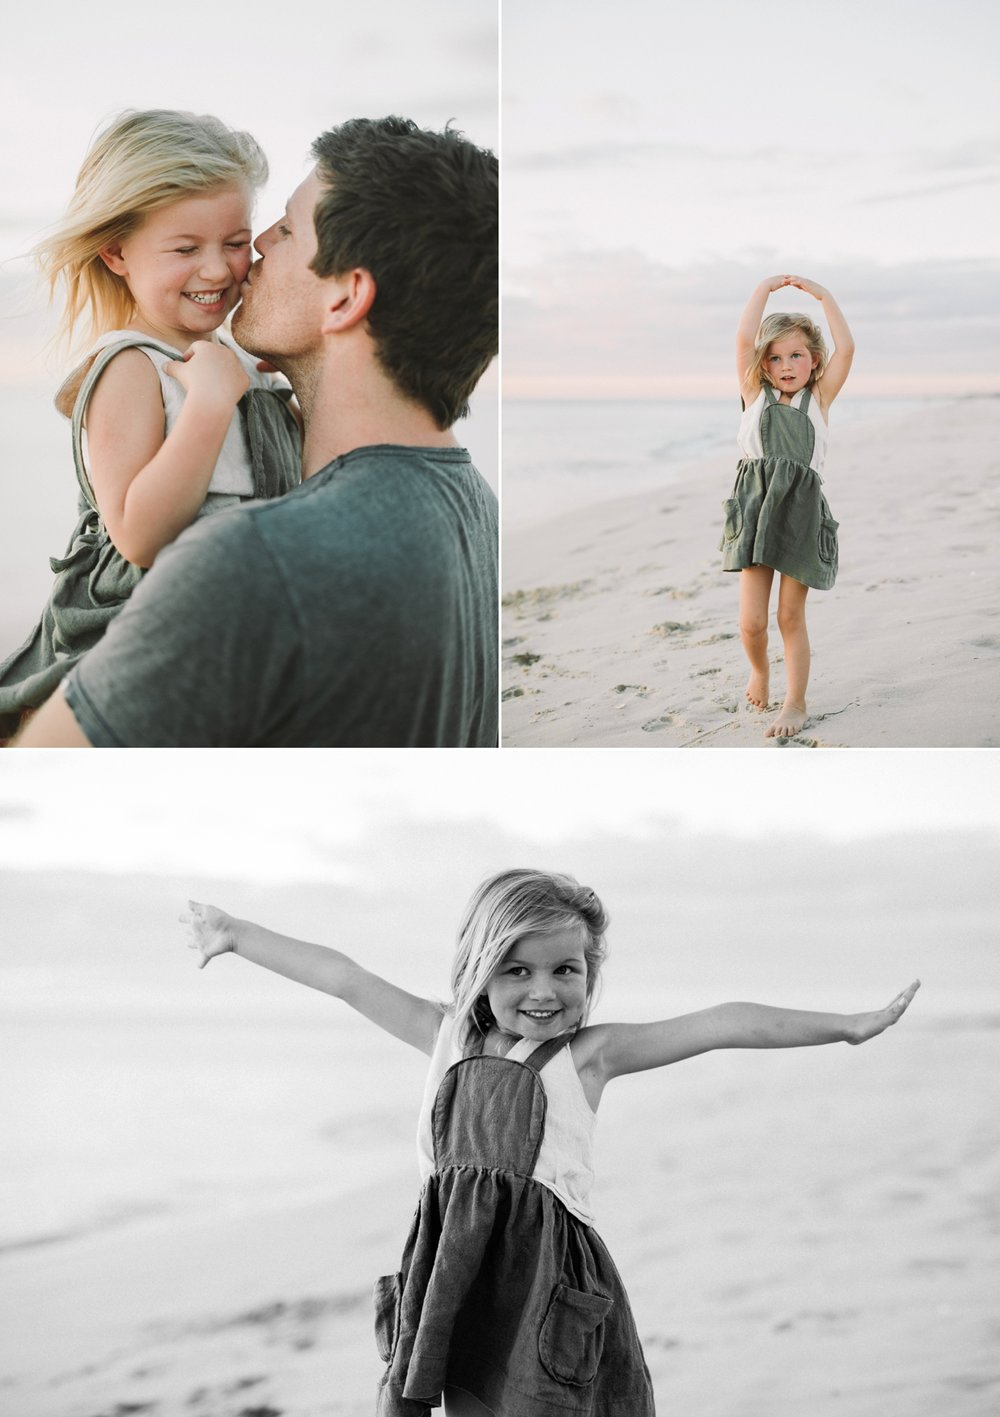 Bohannah - Perth Family Photographer - Beautiful Family Photography Perth - Yoli & Otis - www.katherineschultzphotography.com 17